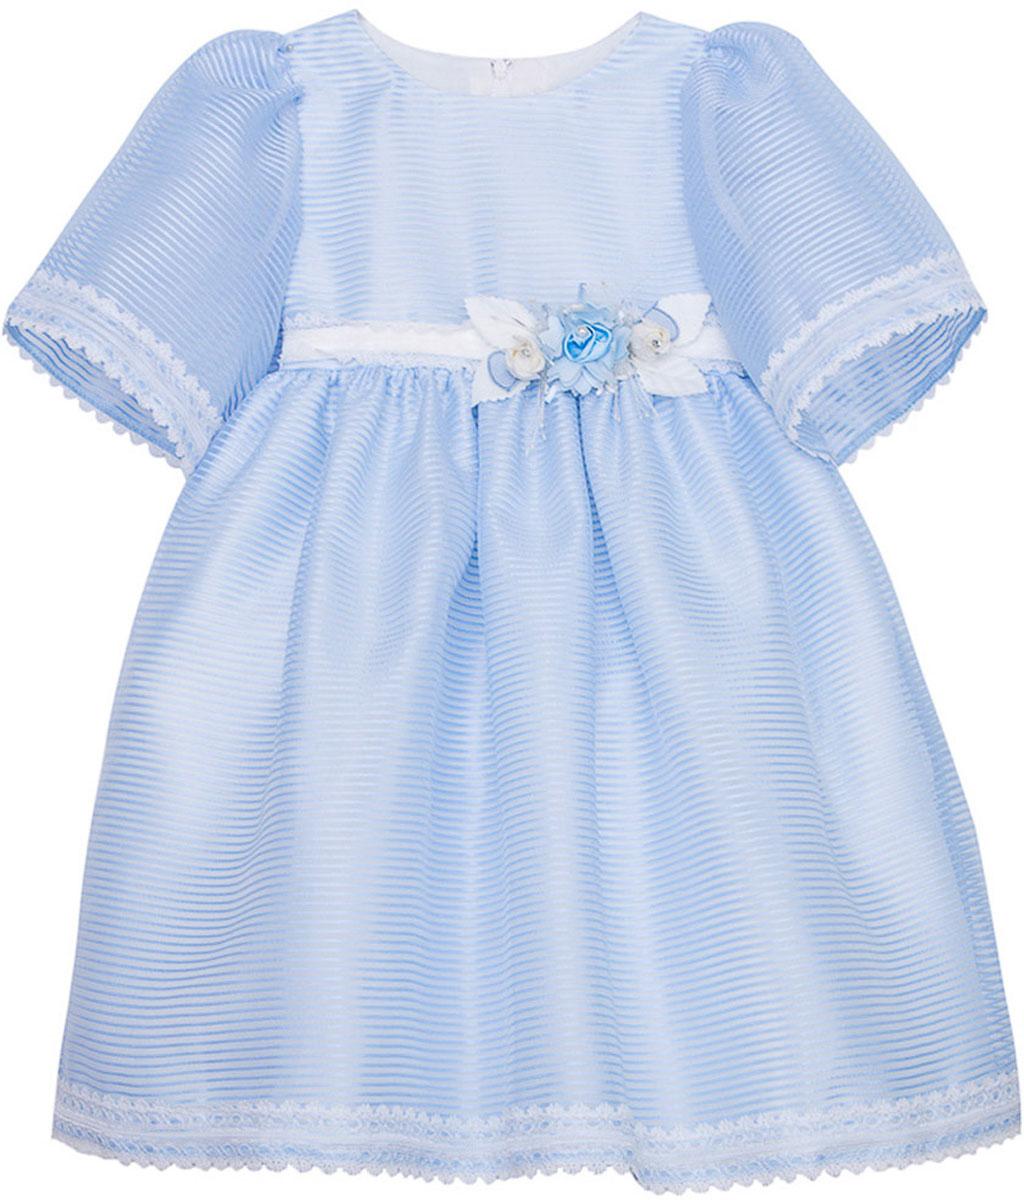 Платье для девочки Vitacci, цвет: голубой. 2171407-10. Размер 1202171407-10